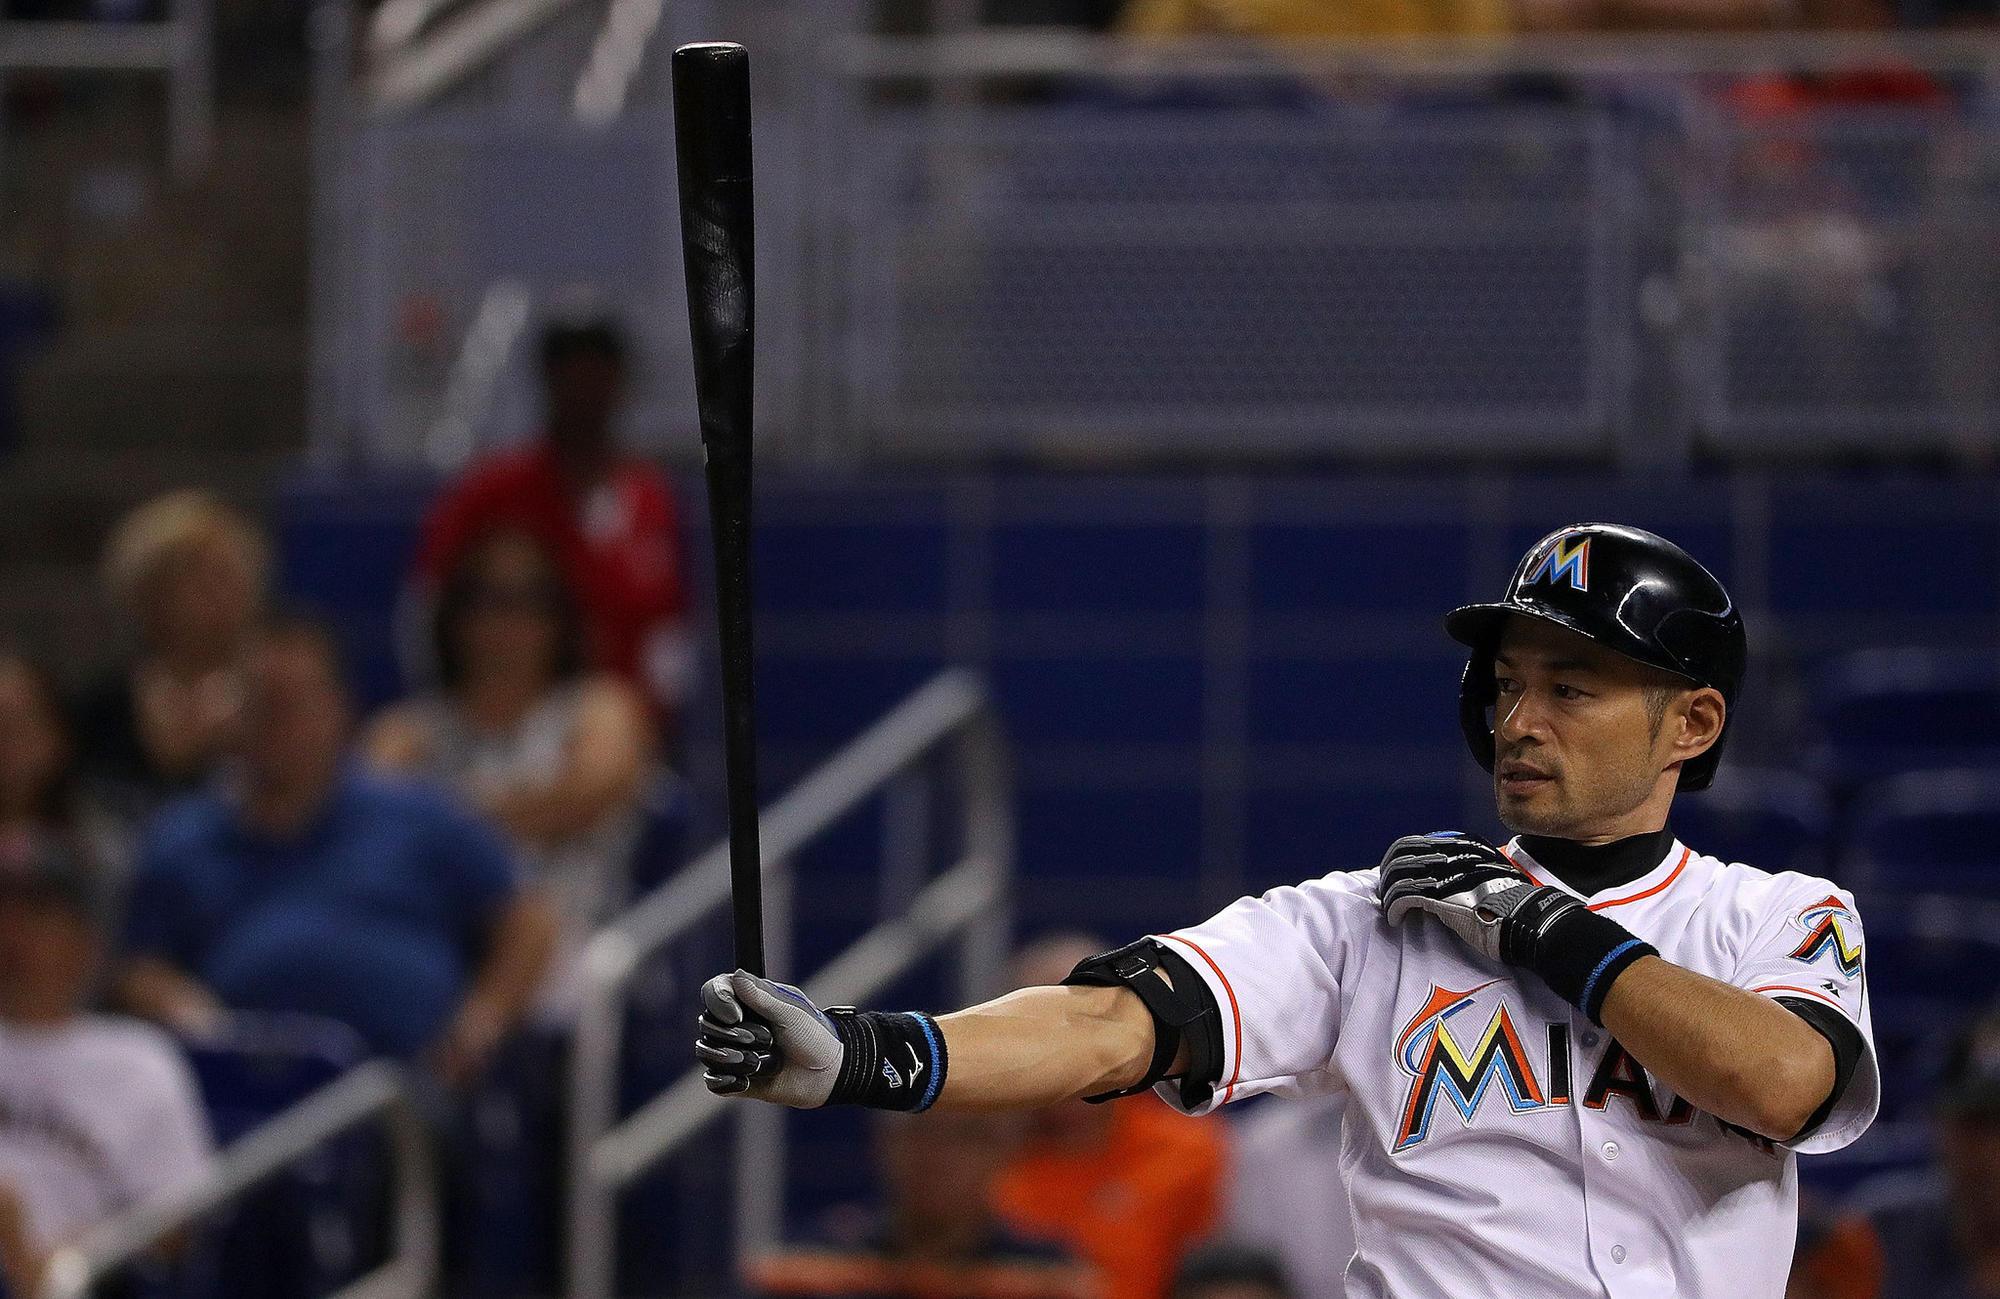 Miami's Ichiro Suzuki bats against Tampa Bay on May 24.